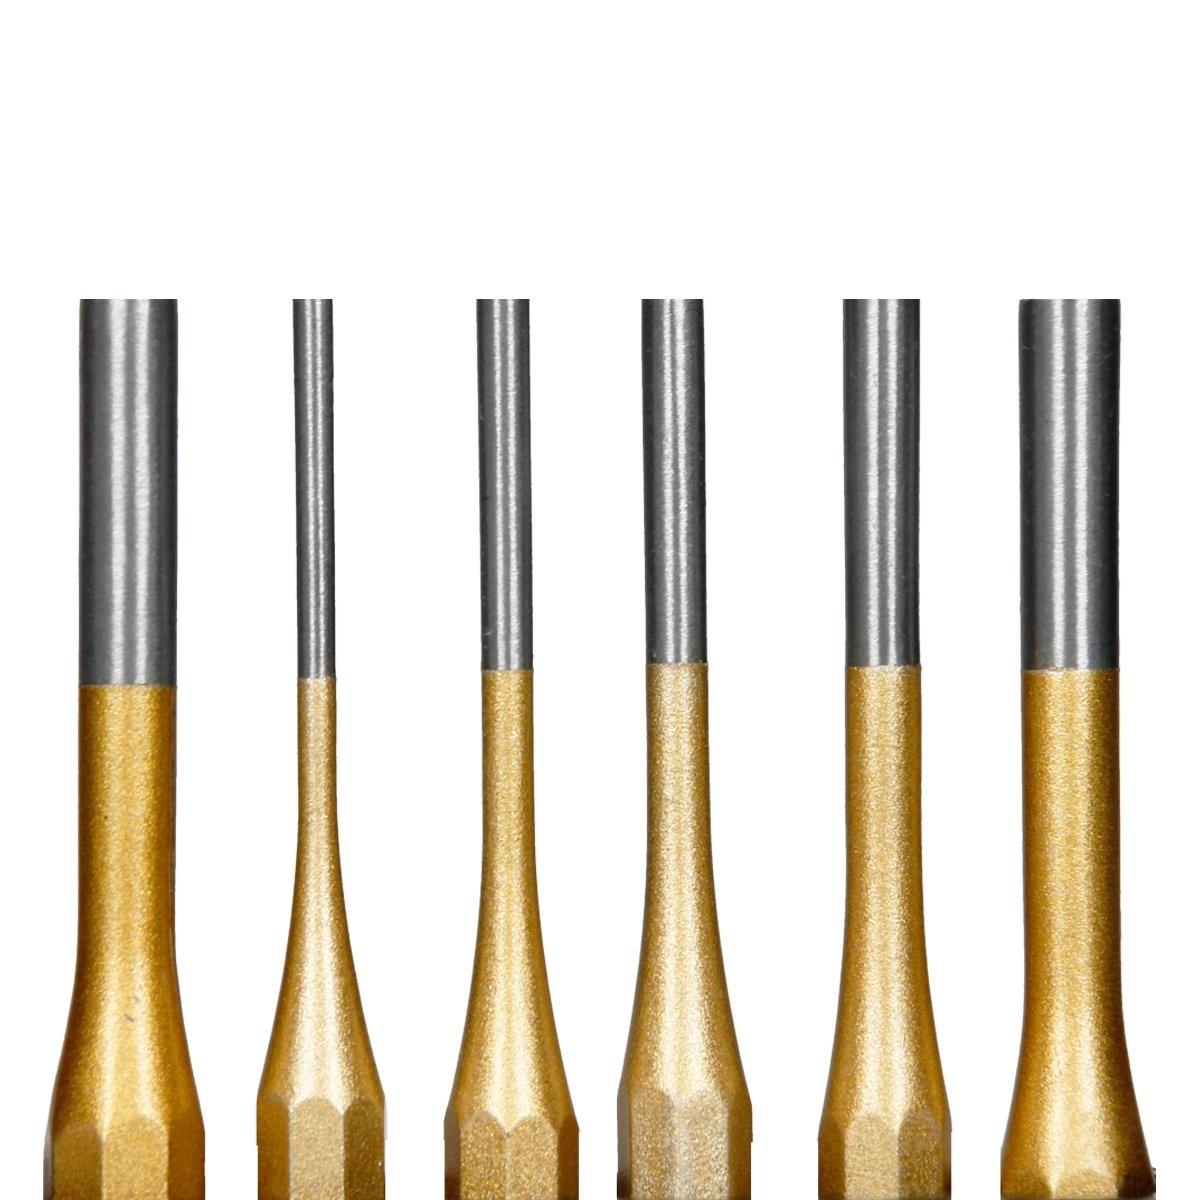 ECD Germany Juego de 6 botadores en acero al cromo vanadio 3-8mm Botadores de pasadores y clavos en pr/áctica caja met/álica